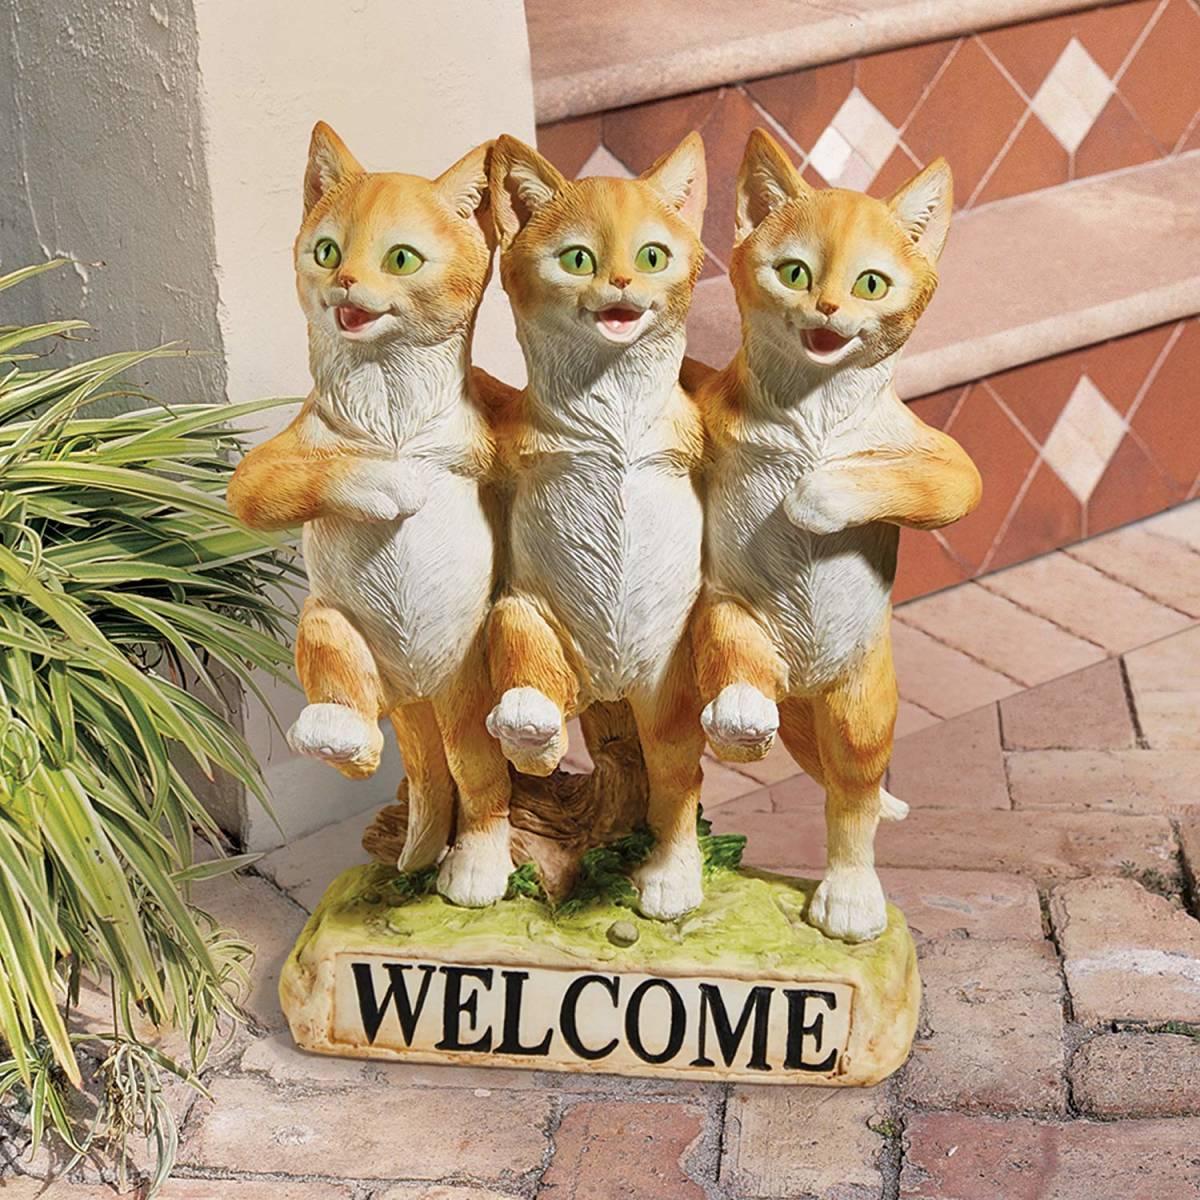 デザイン・トスカノ製 3匹の猫のダンス、コーラスライン ガーデンウェルカム ボード彫刻 彫像(輸入品)